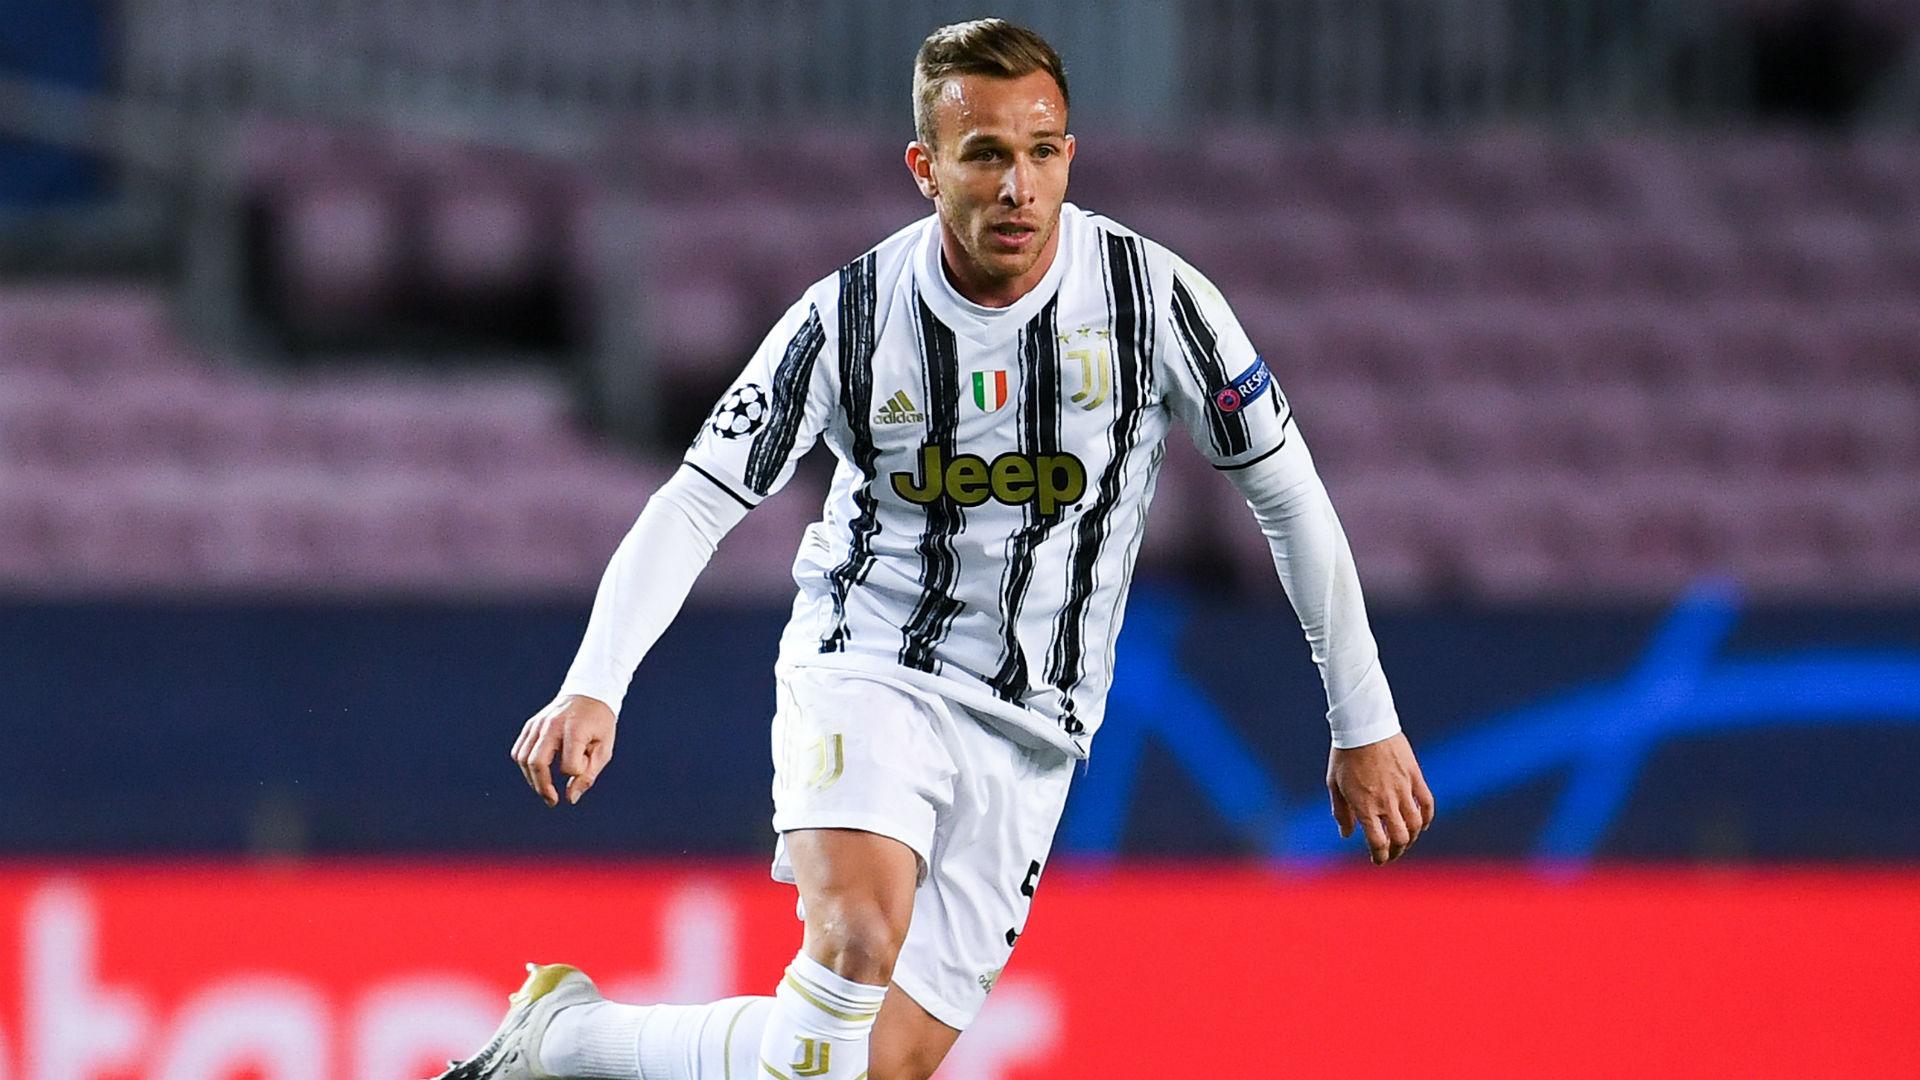 Juve, i convocati per la Lazio: ok Arthur, Bonucci e Cuadrado